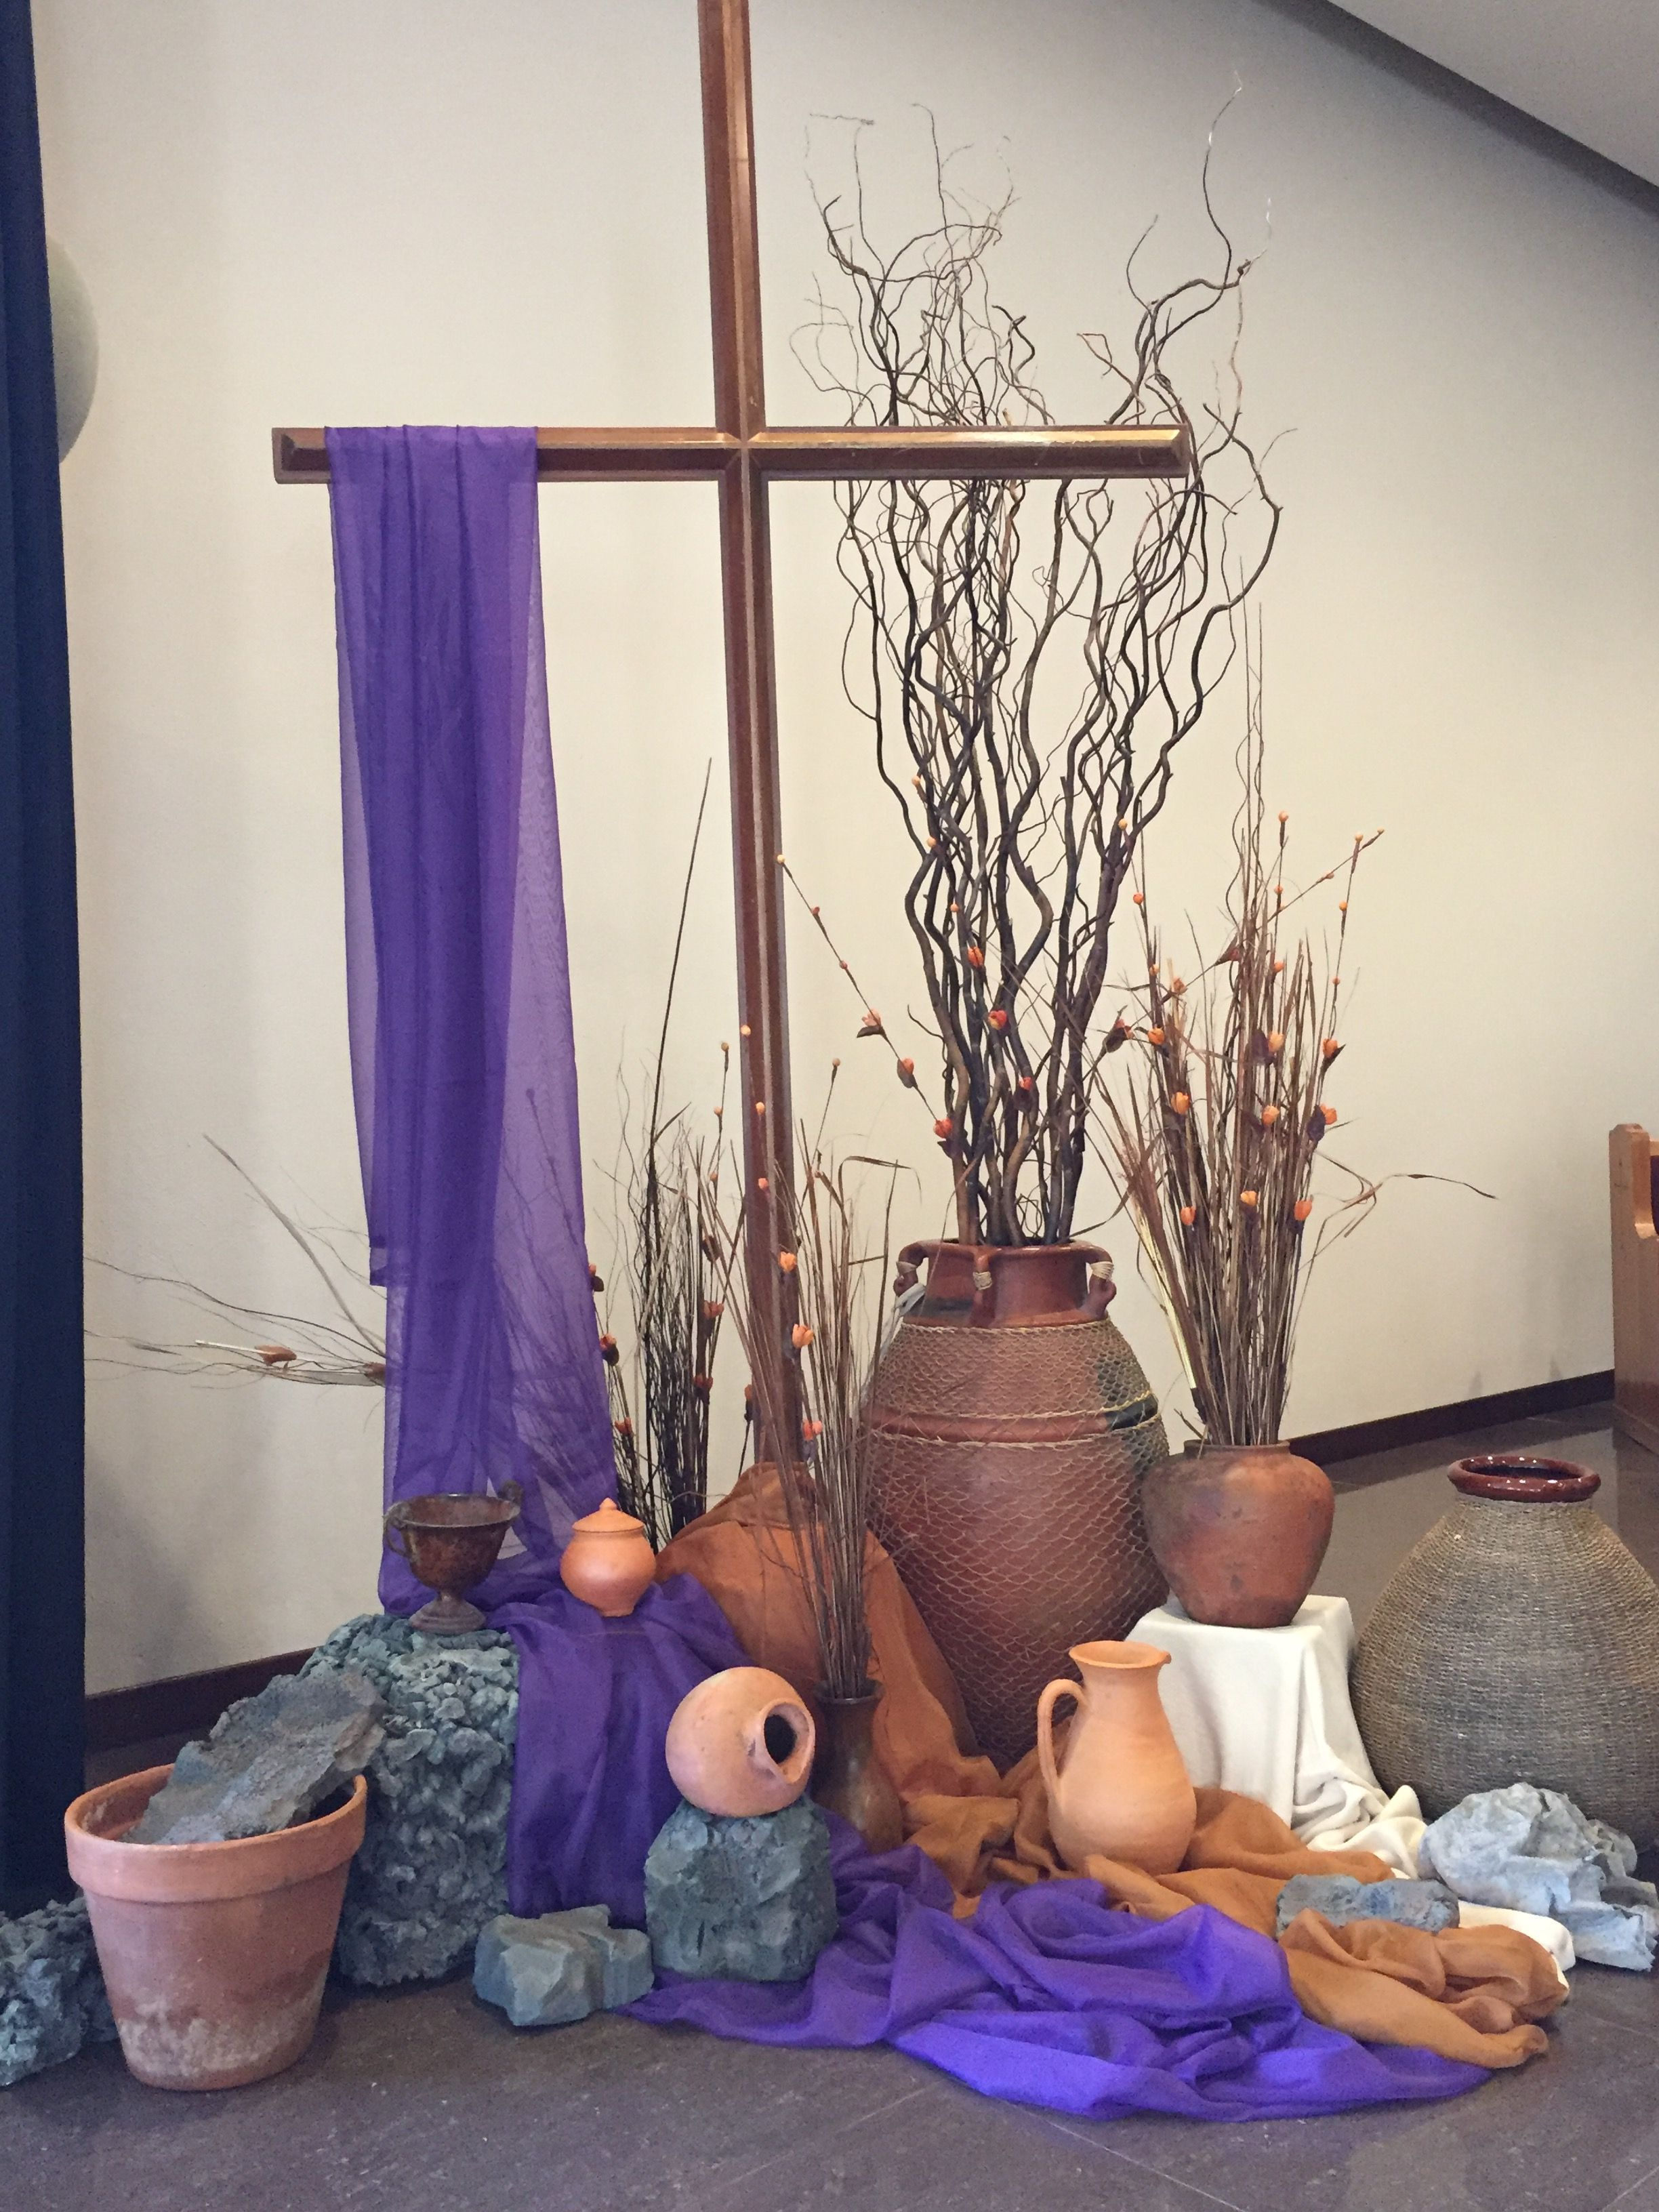 Semana Santa Easter Altar Decorations Church Christmas Deco Em